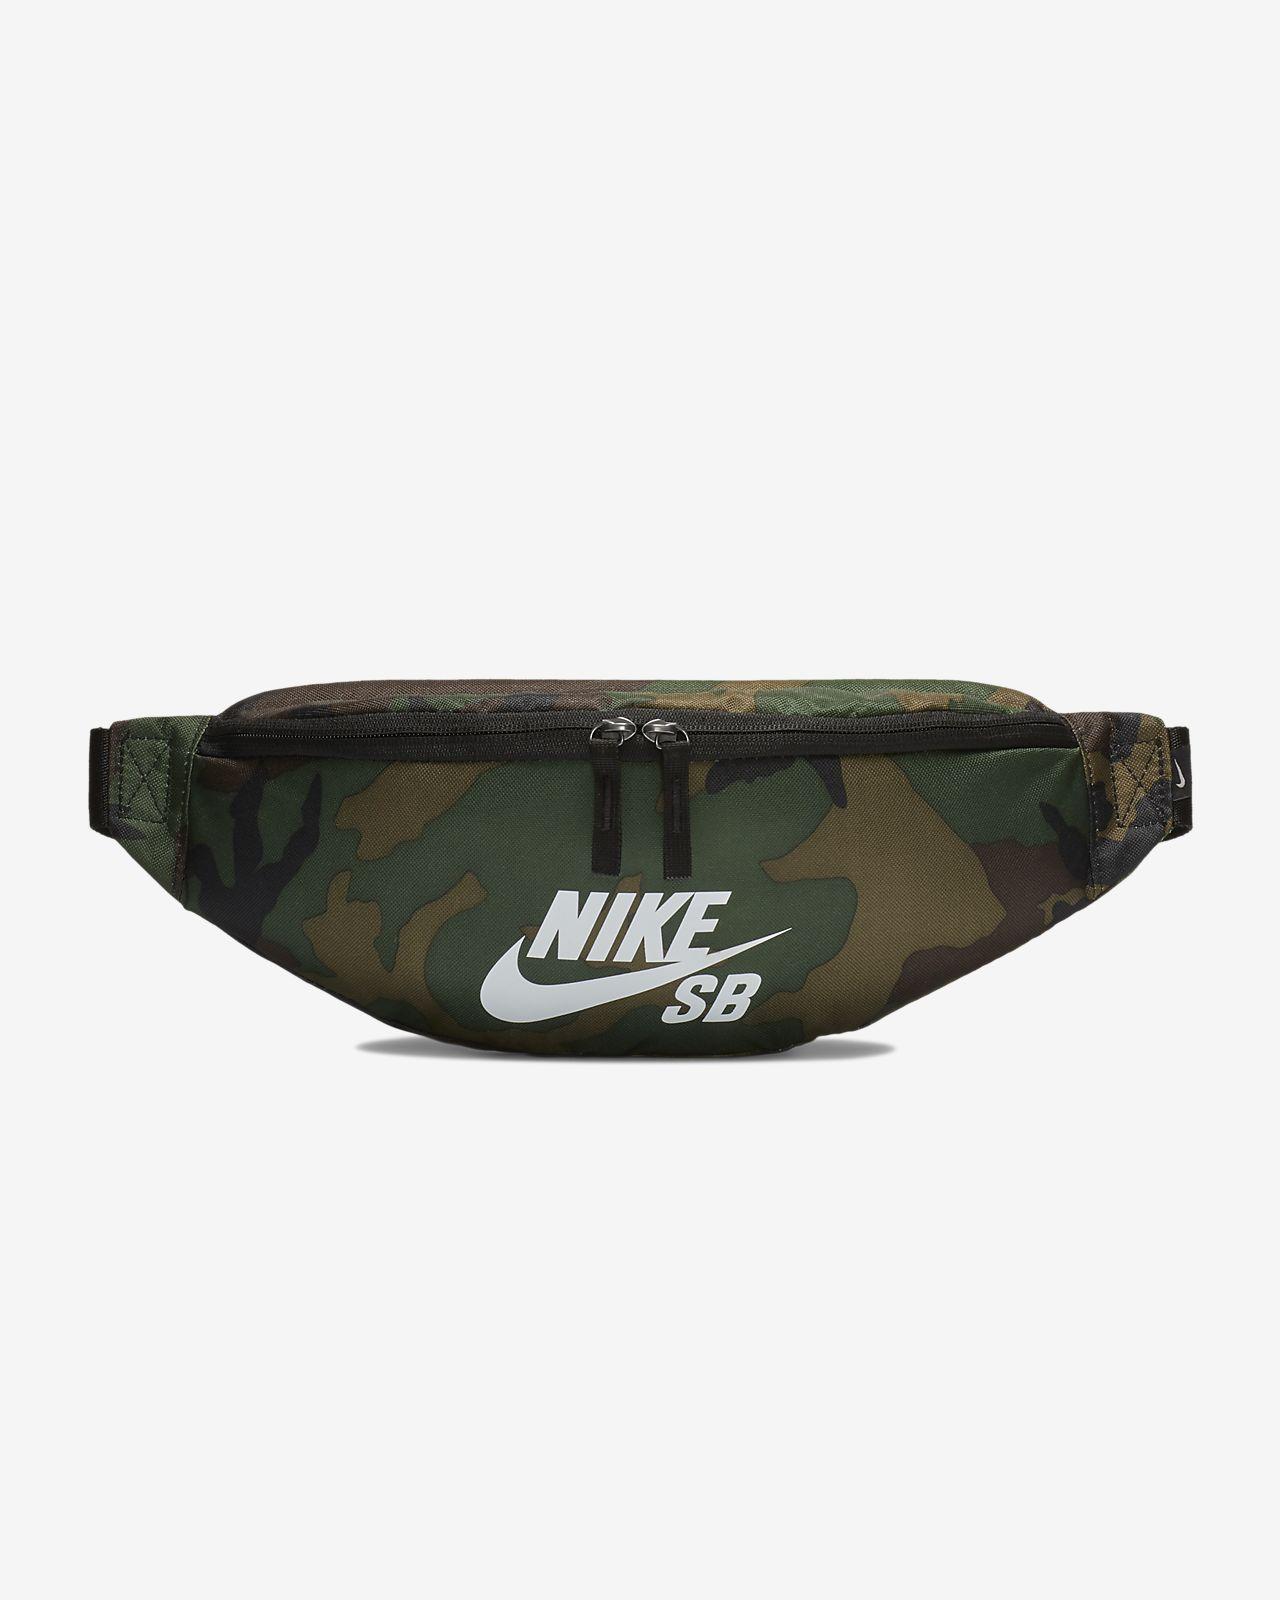 Sakiewka do skateboardingu z nadrukiem Nike SB Heritage (na małe przedmioty)